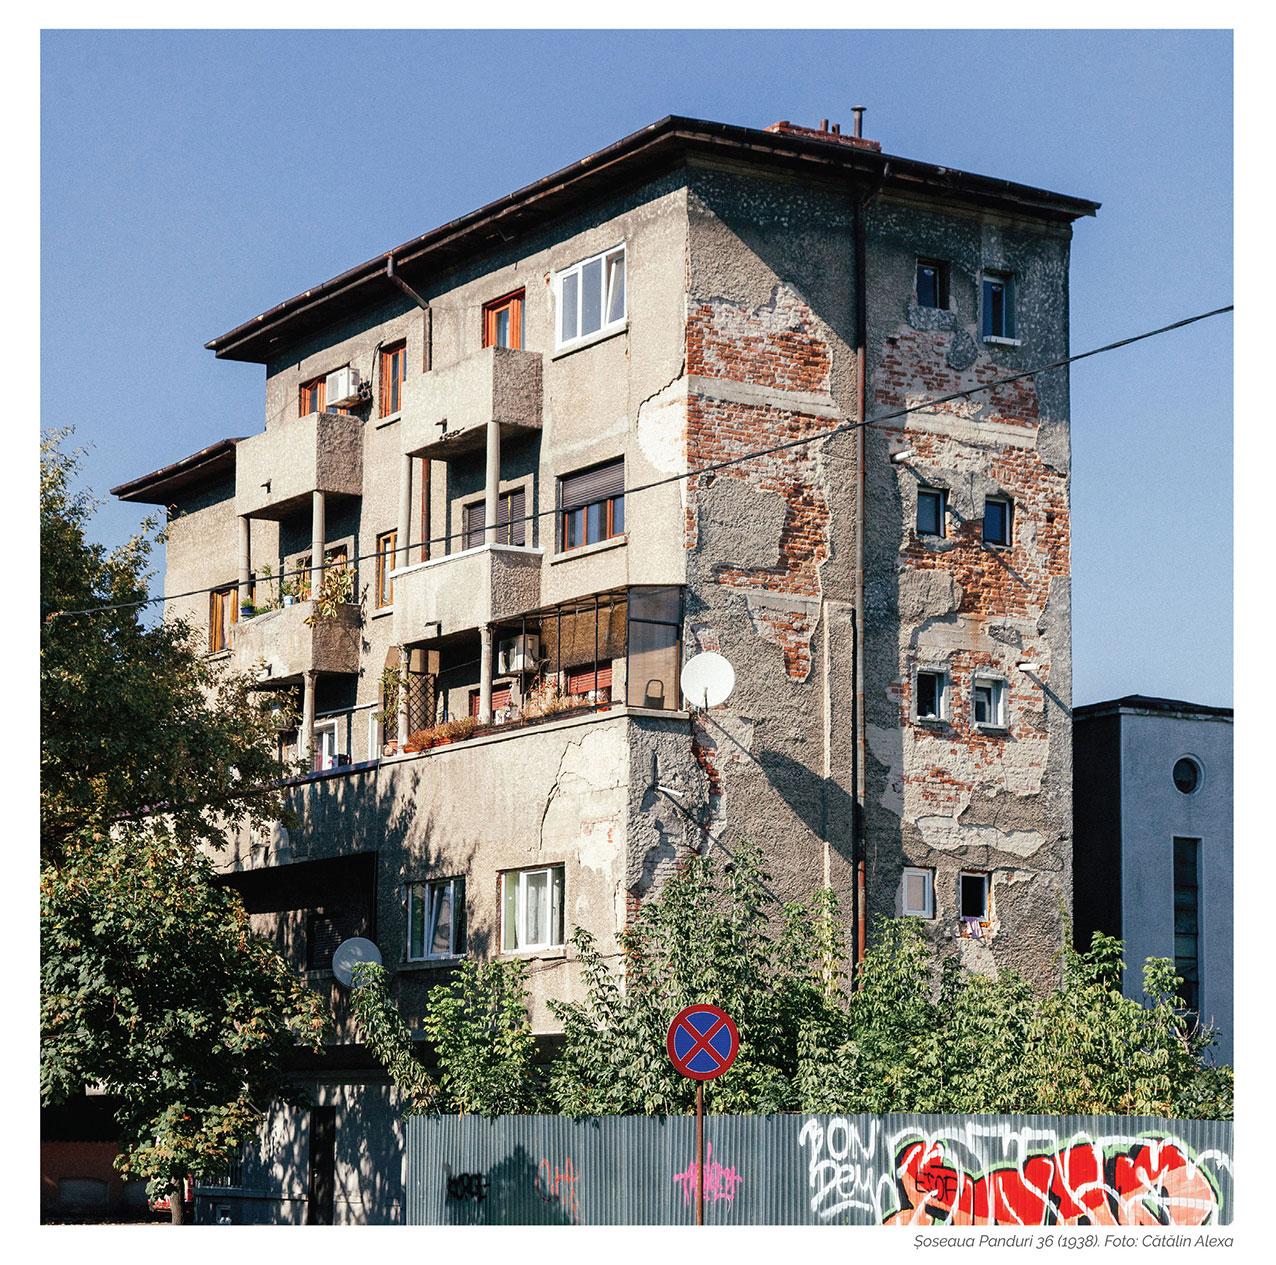 Bogdan-Suditu_Vulerabilitate_cutremur_bucuresti_seismic-alert_web